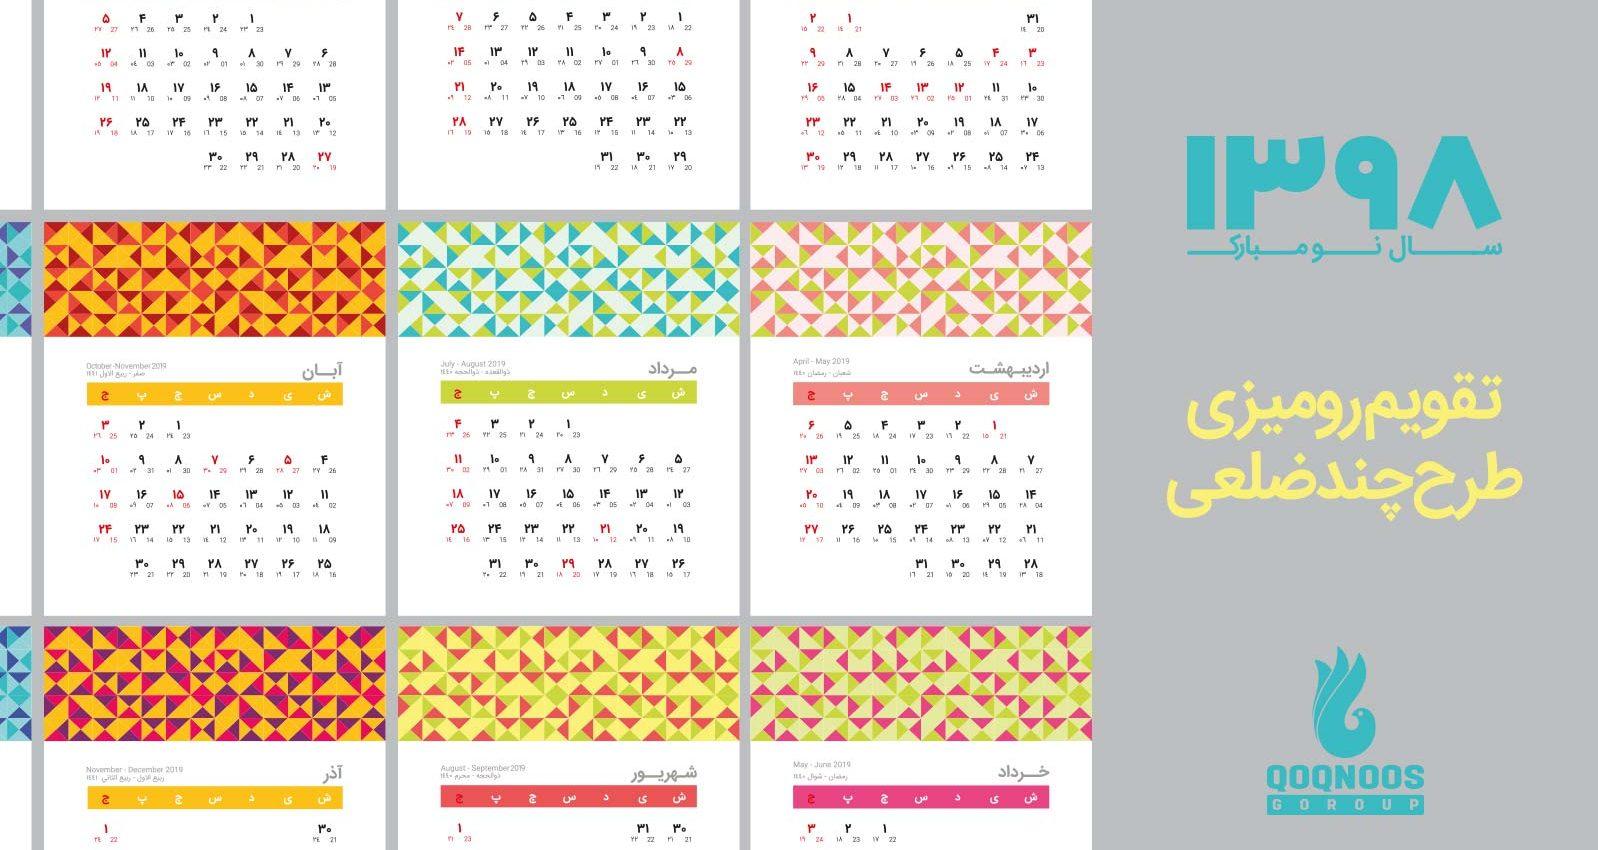 دانلود تقویم رومیزی 98 طرح چندضلعی